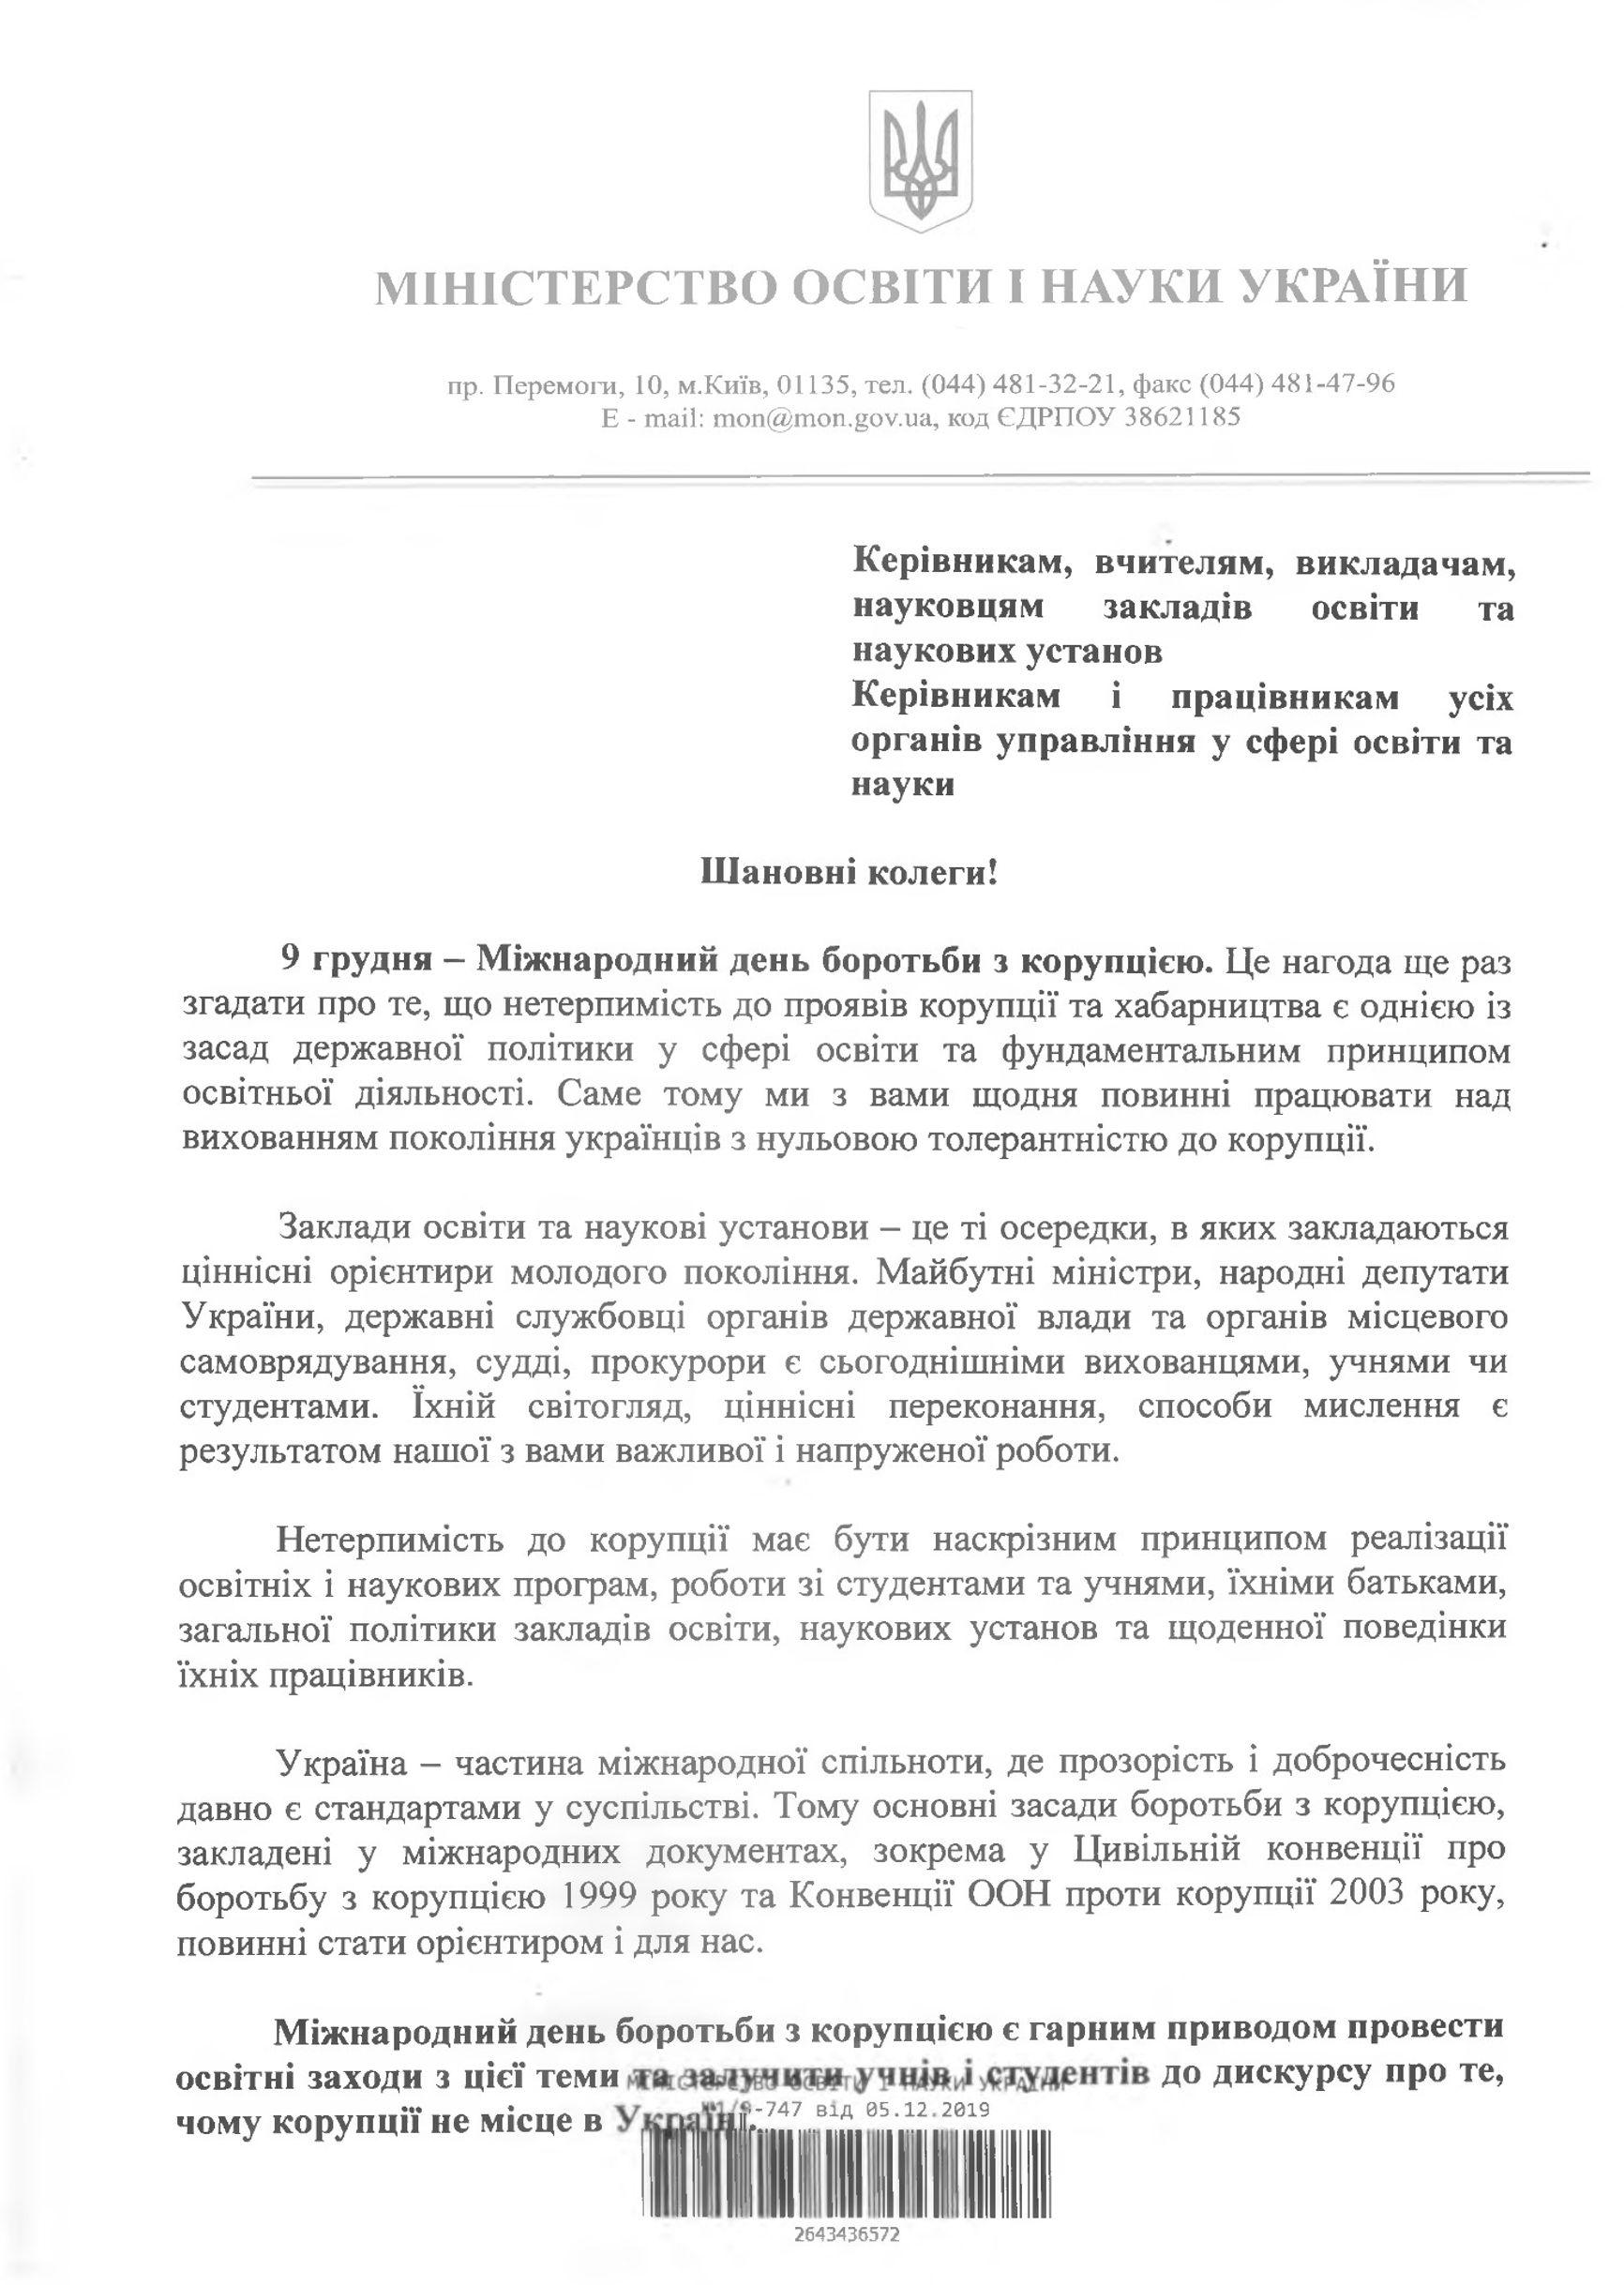 Подлинное официальное письмо Министерства просвещения и науки Украины